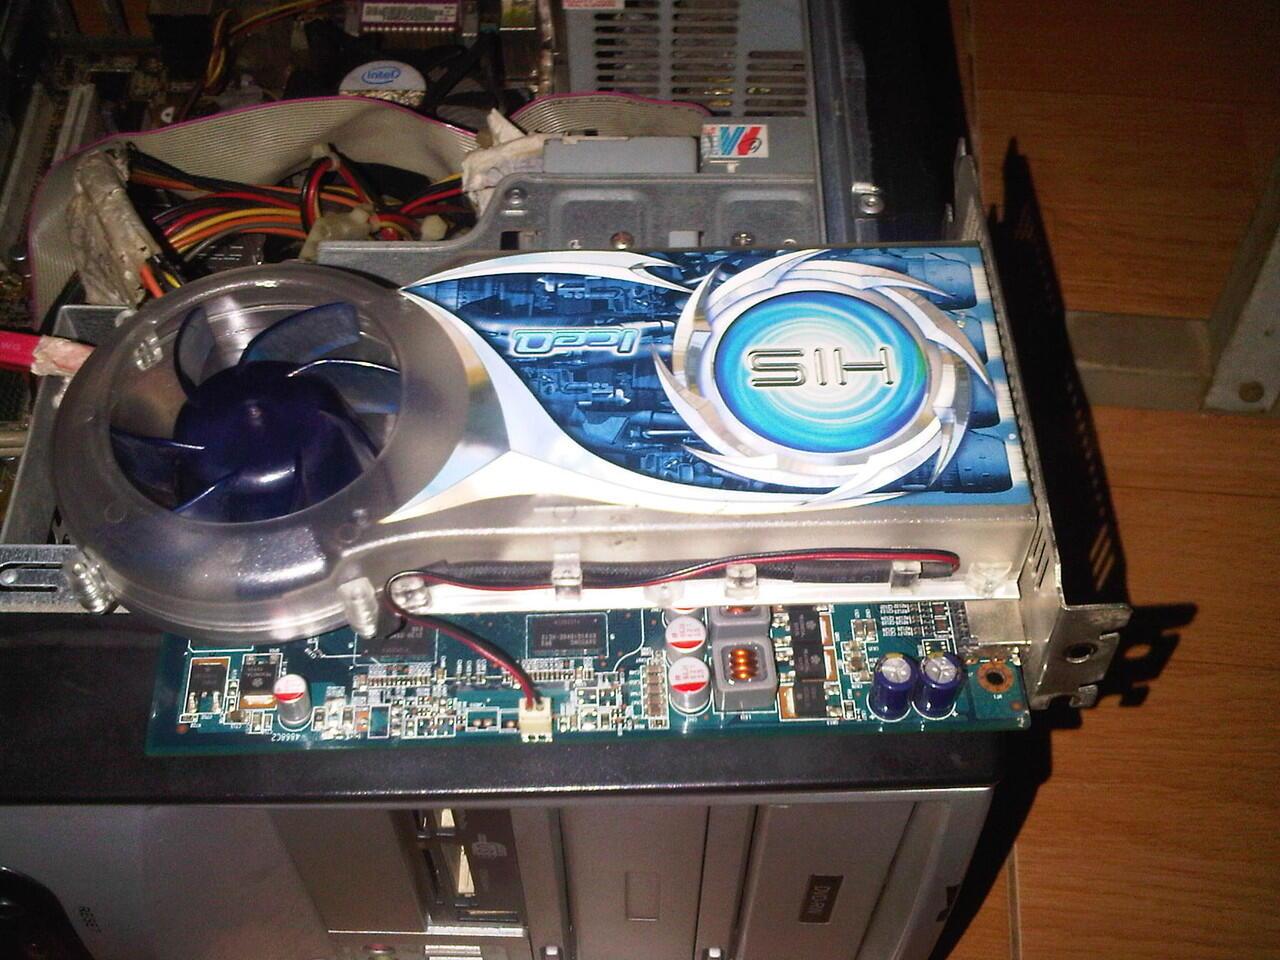 WTS his hd 4670 1gb ddr3 128bit + PSU enlight 300w SECOND MURAAH